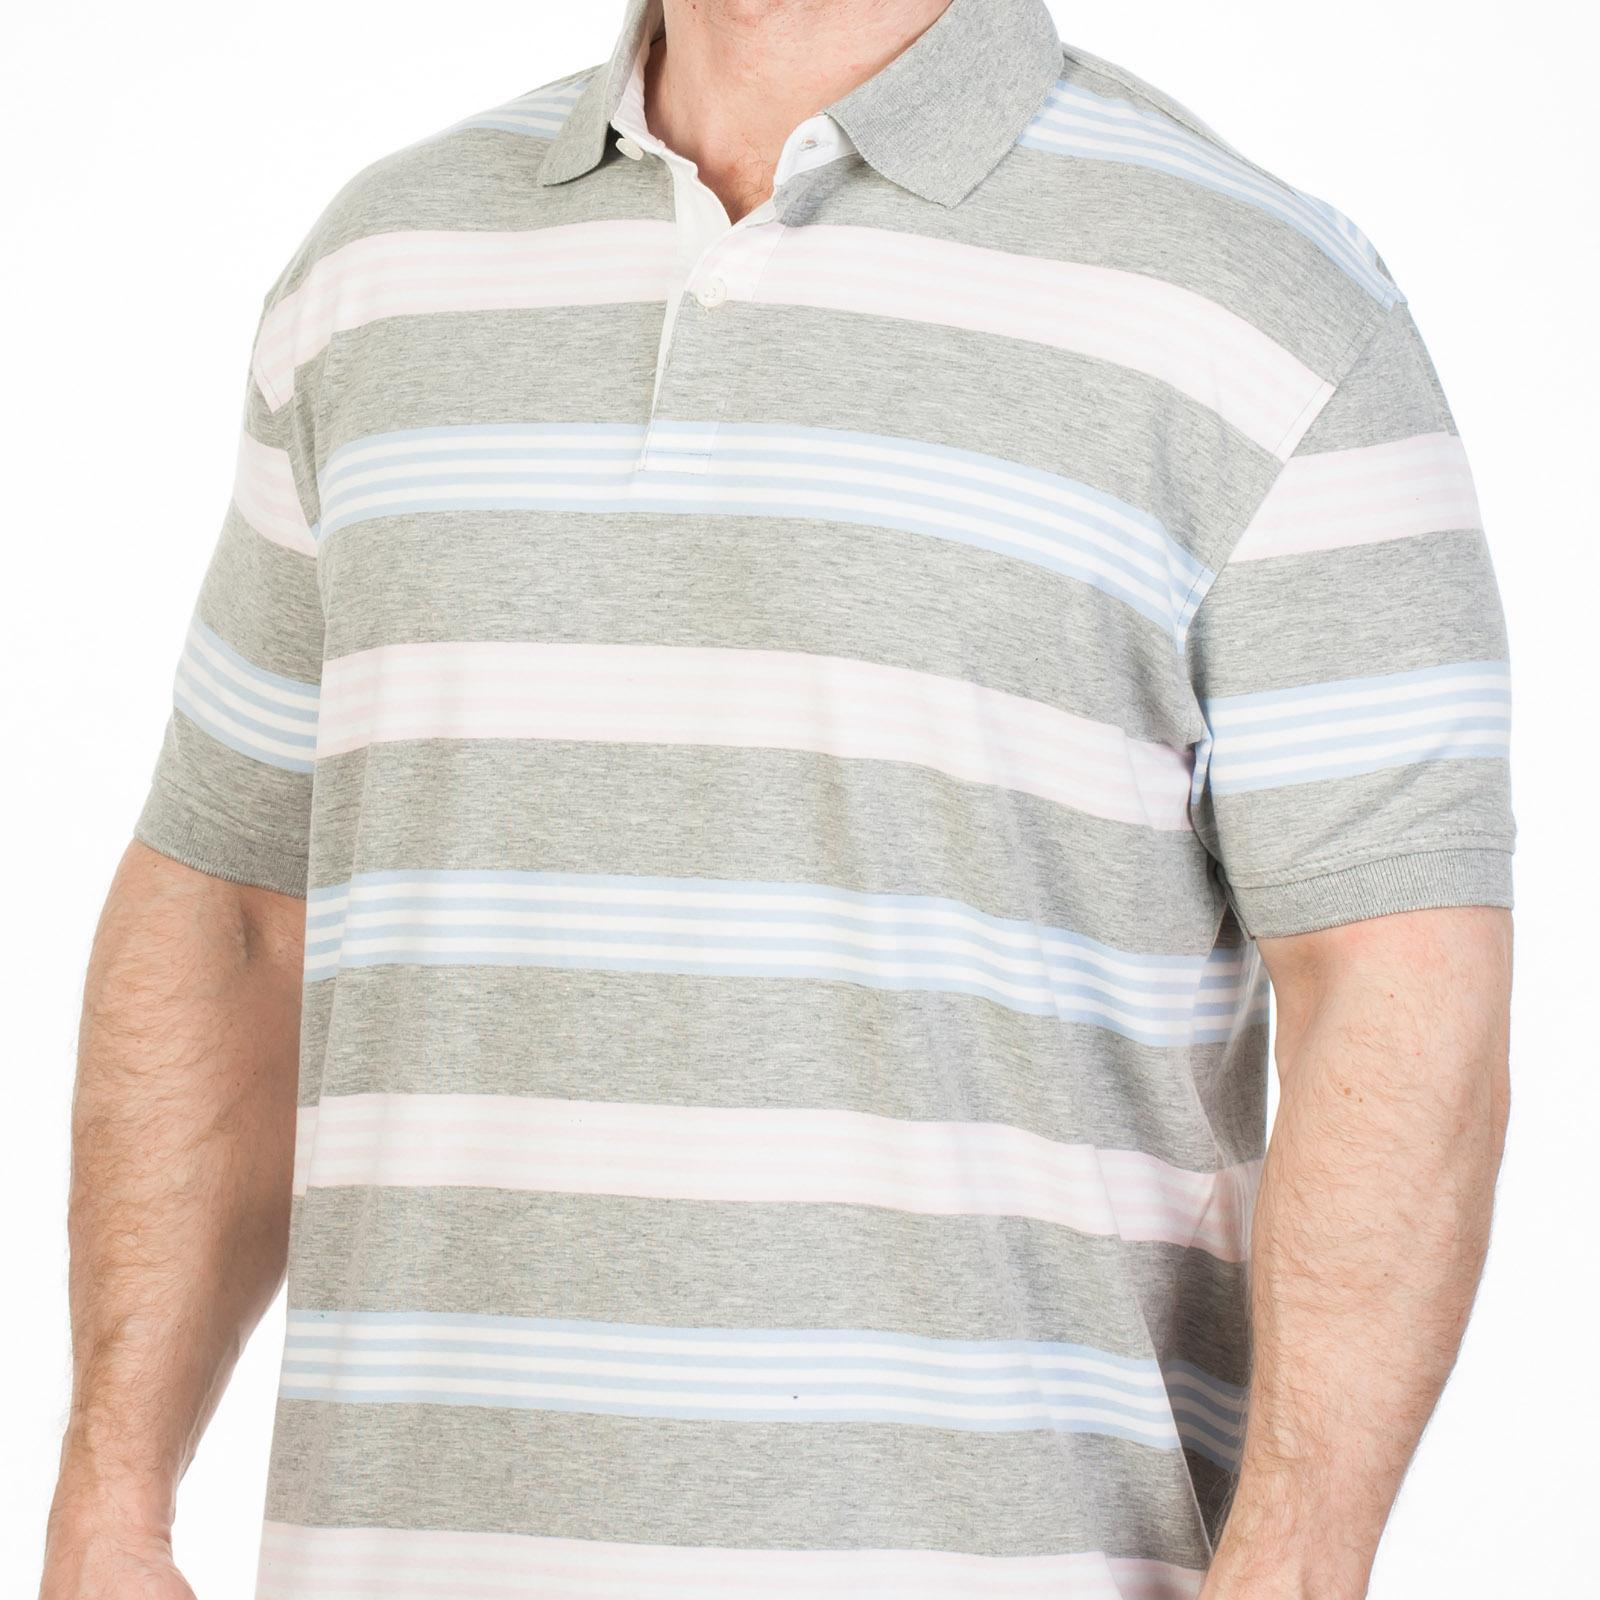 Мужская футболка-поло в полоску - купить с доставкой